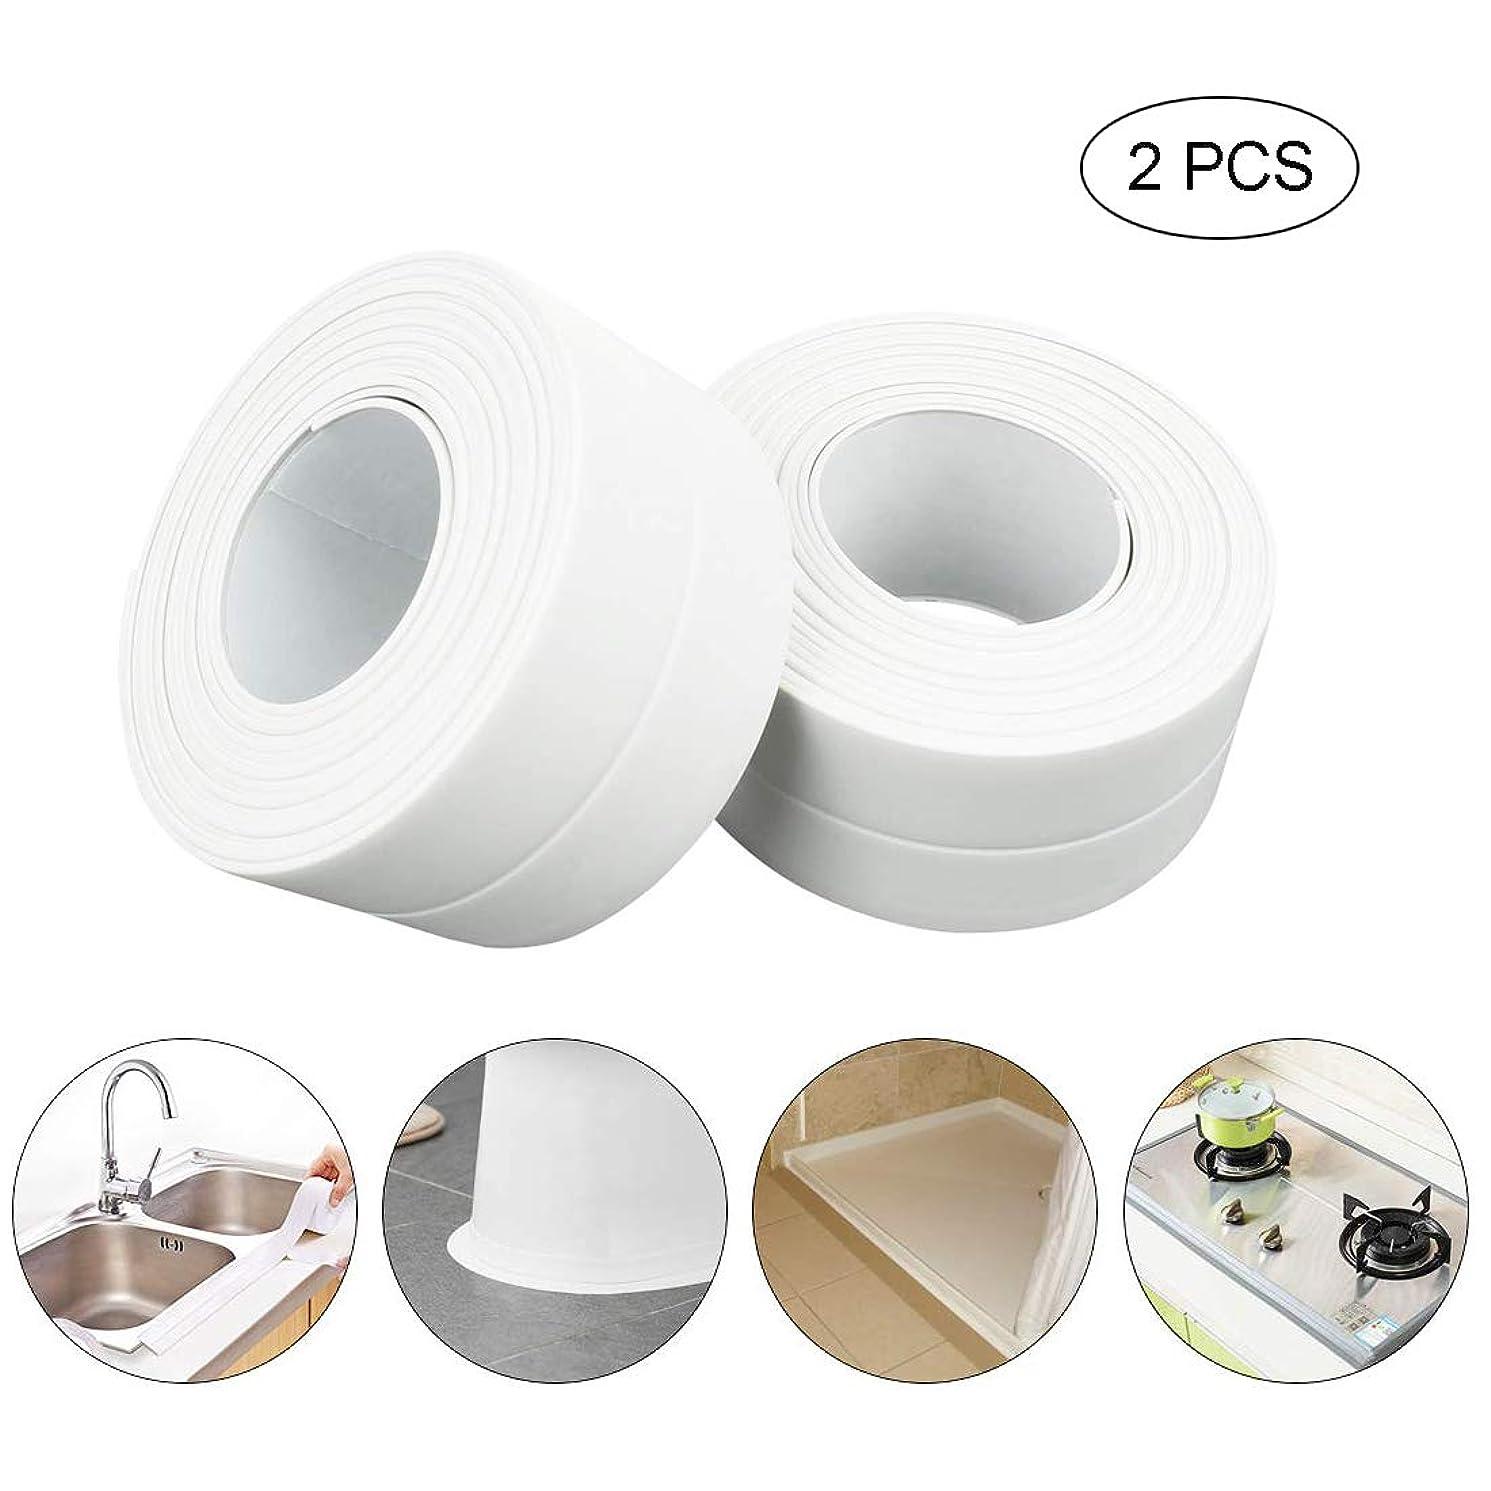 Amatted Waterproof Sealing Strip, Caulk Strip Self Adhesive Corner line Tape Strip Sealing Tape for Bathtub Sink Wall Anti-Mildew Tub Sealer Decorative (2 PCS)